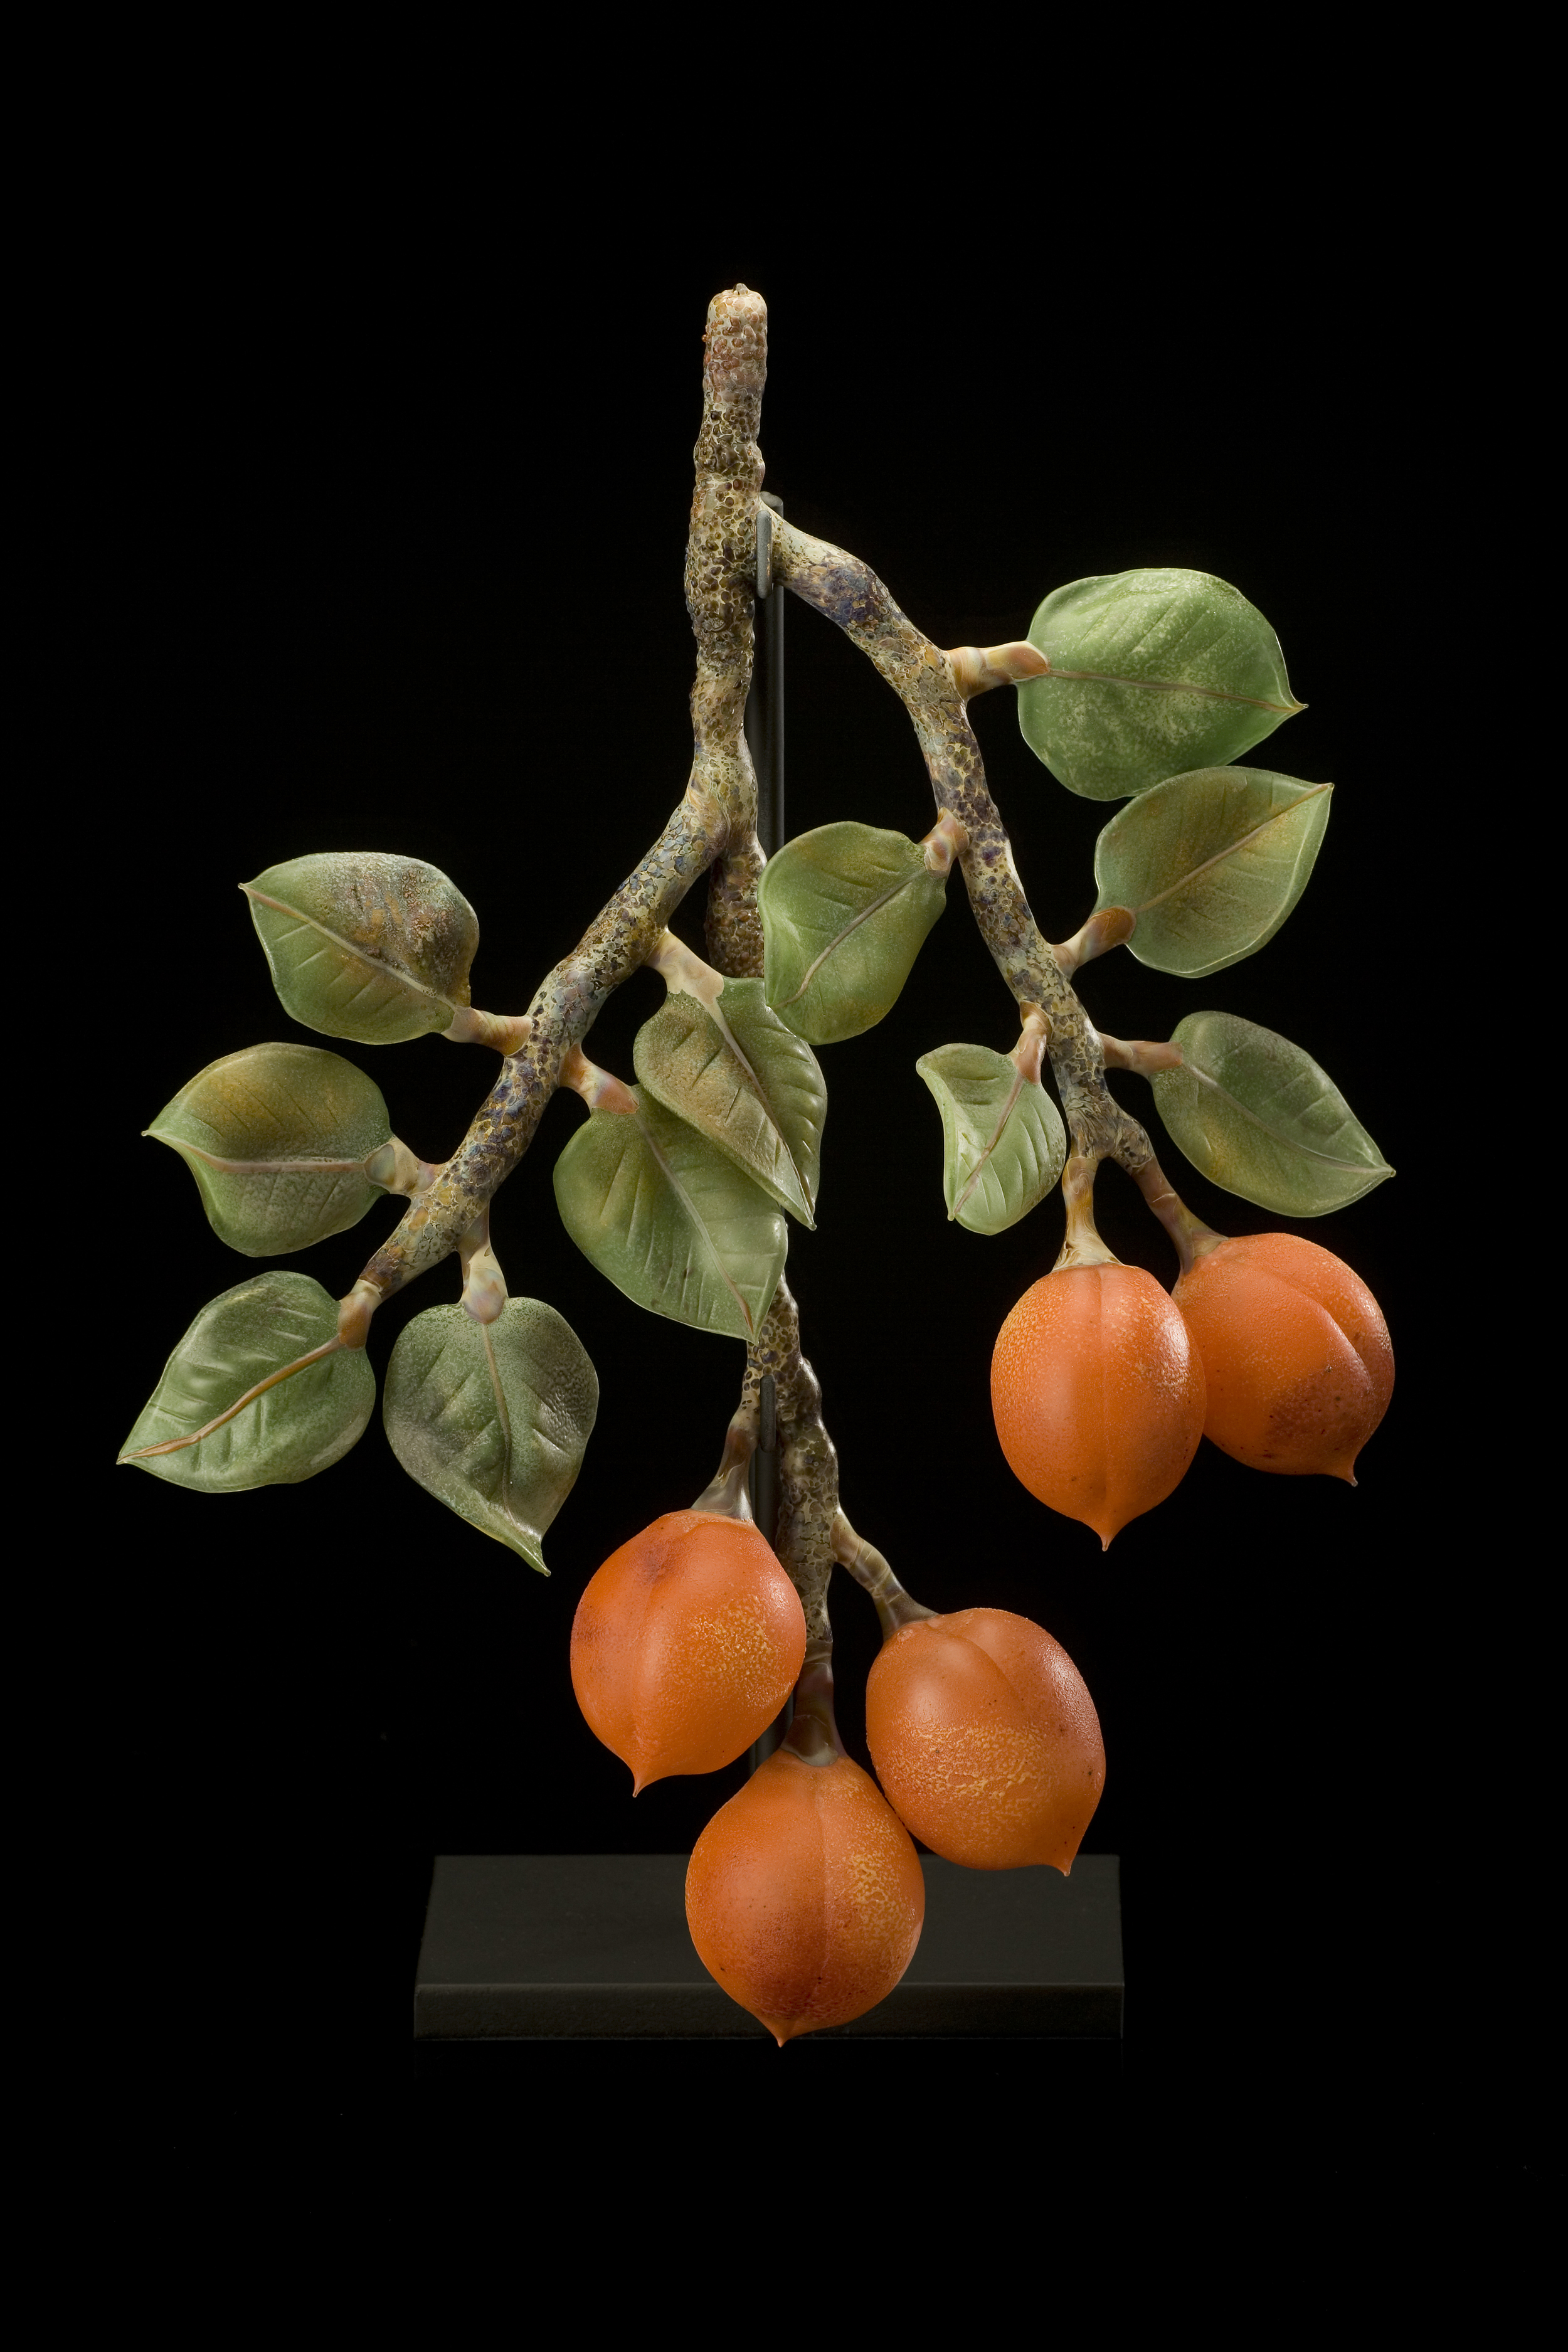 Five Apricots